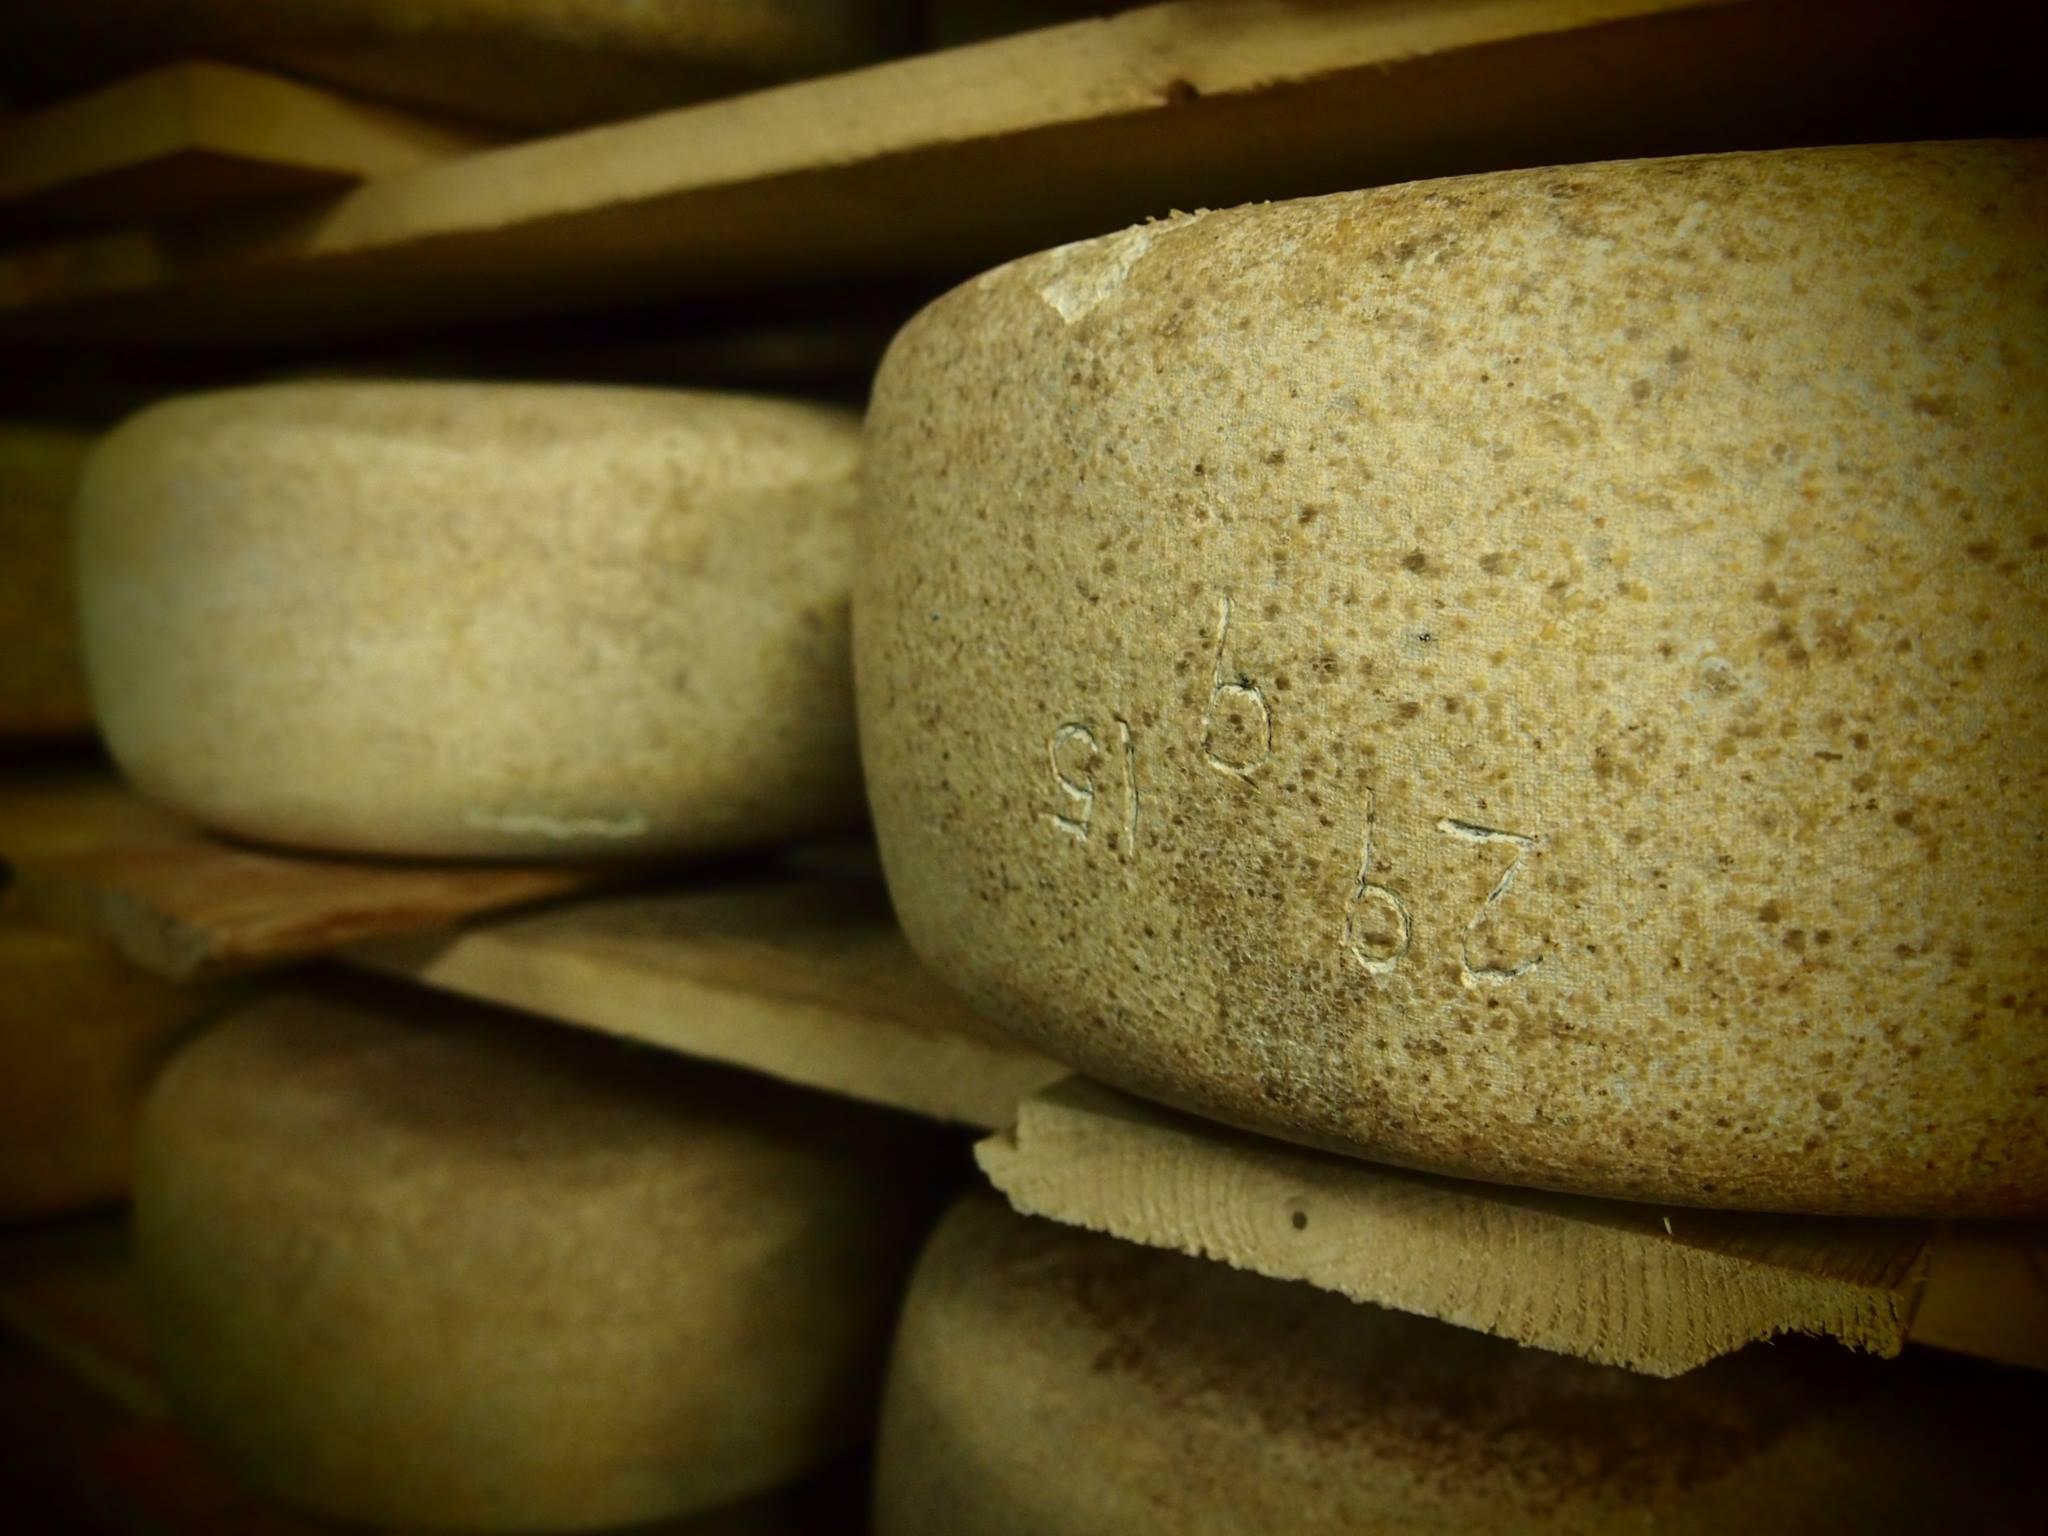 Европейский сыр подрывает российский патриотизм? Фото: Валерий Поташов